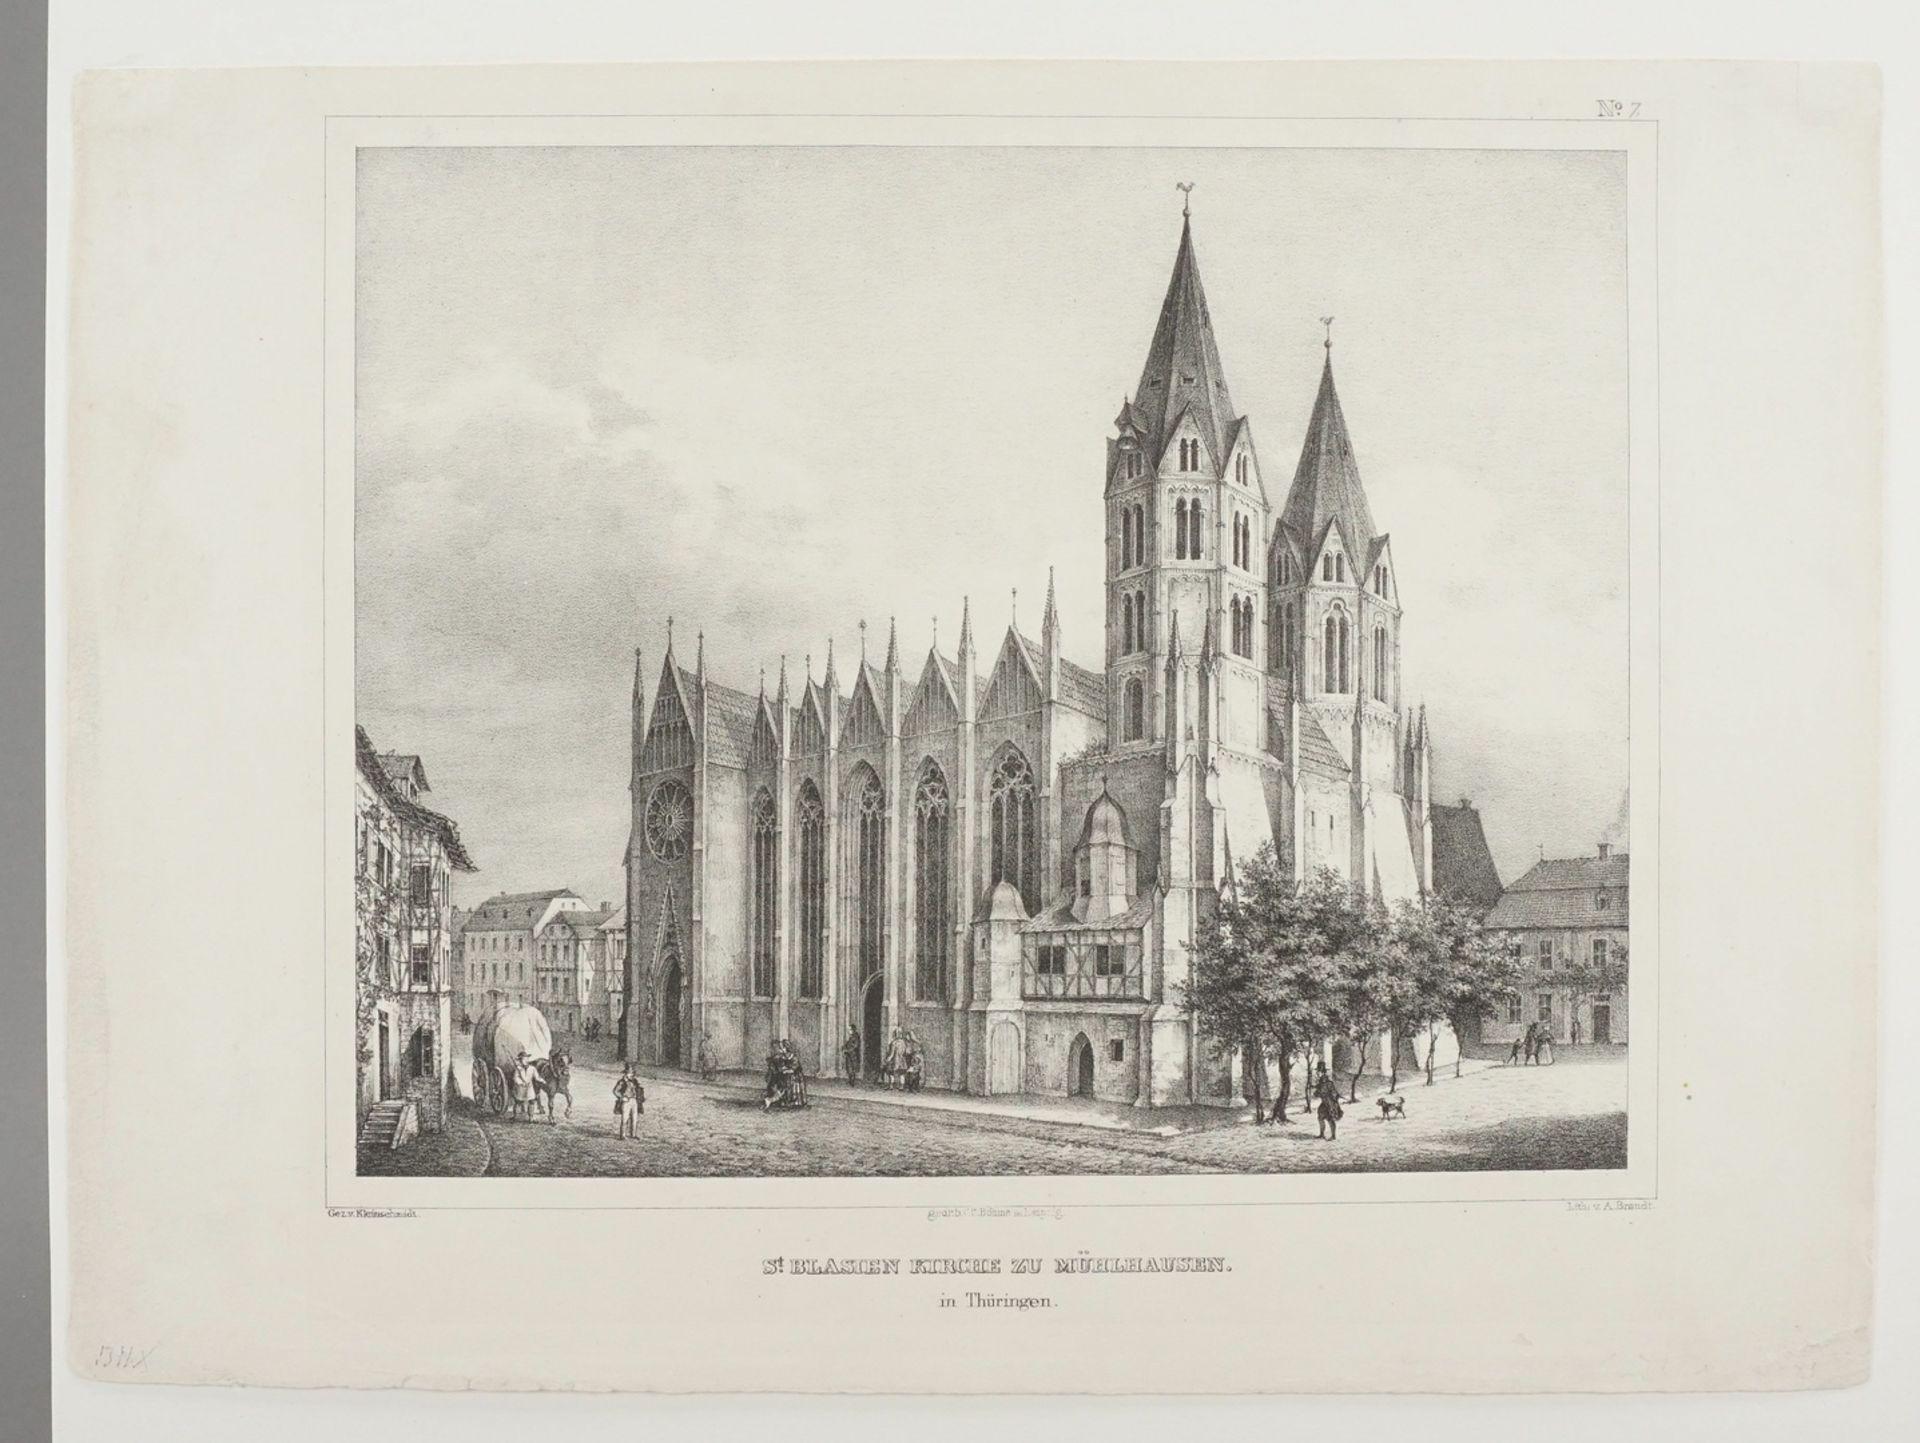 St. Blasien Kirche zu Mühlhausen in Thüringen - Bild 3 aus 3